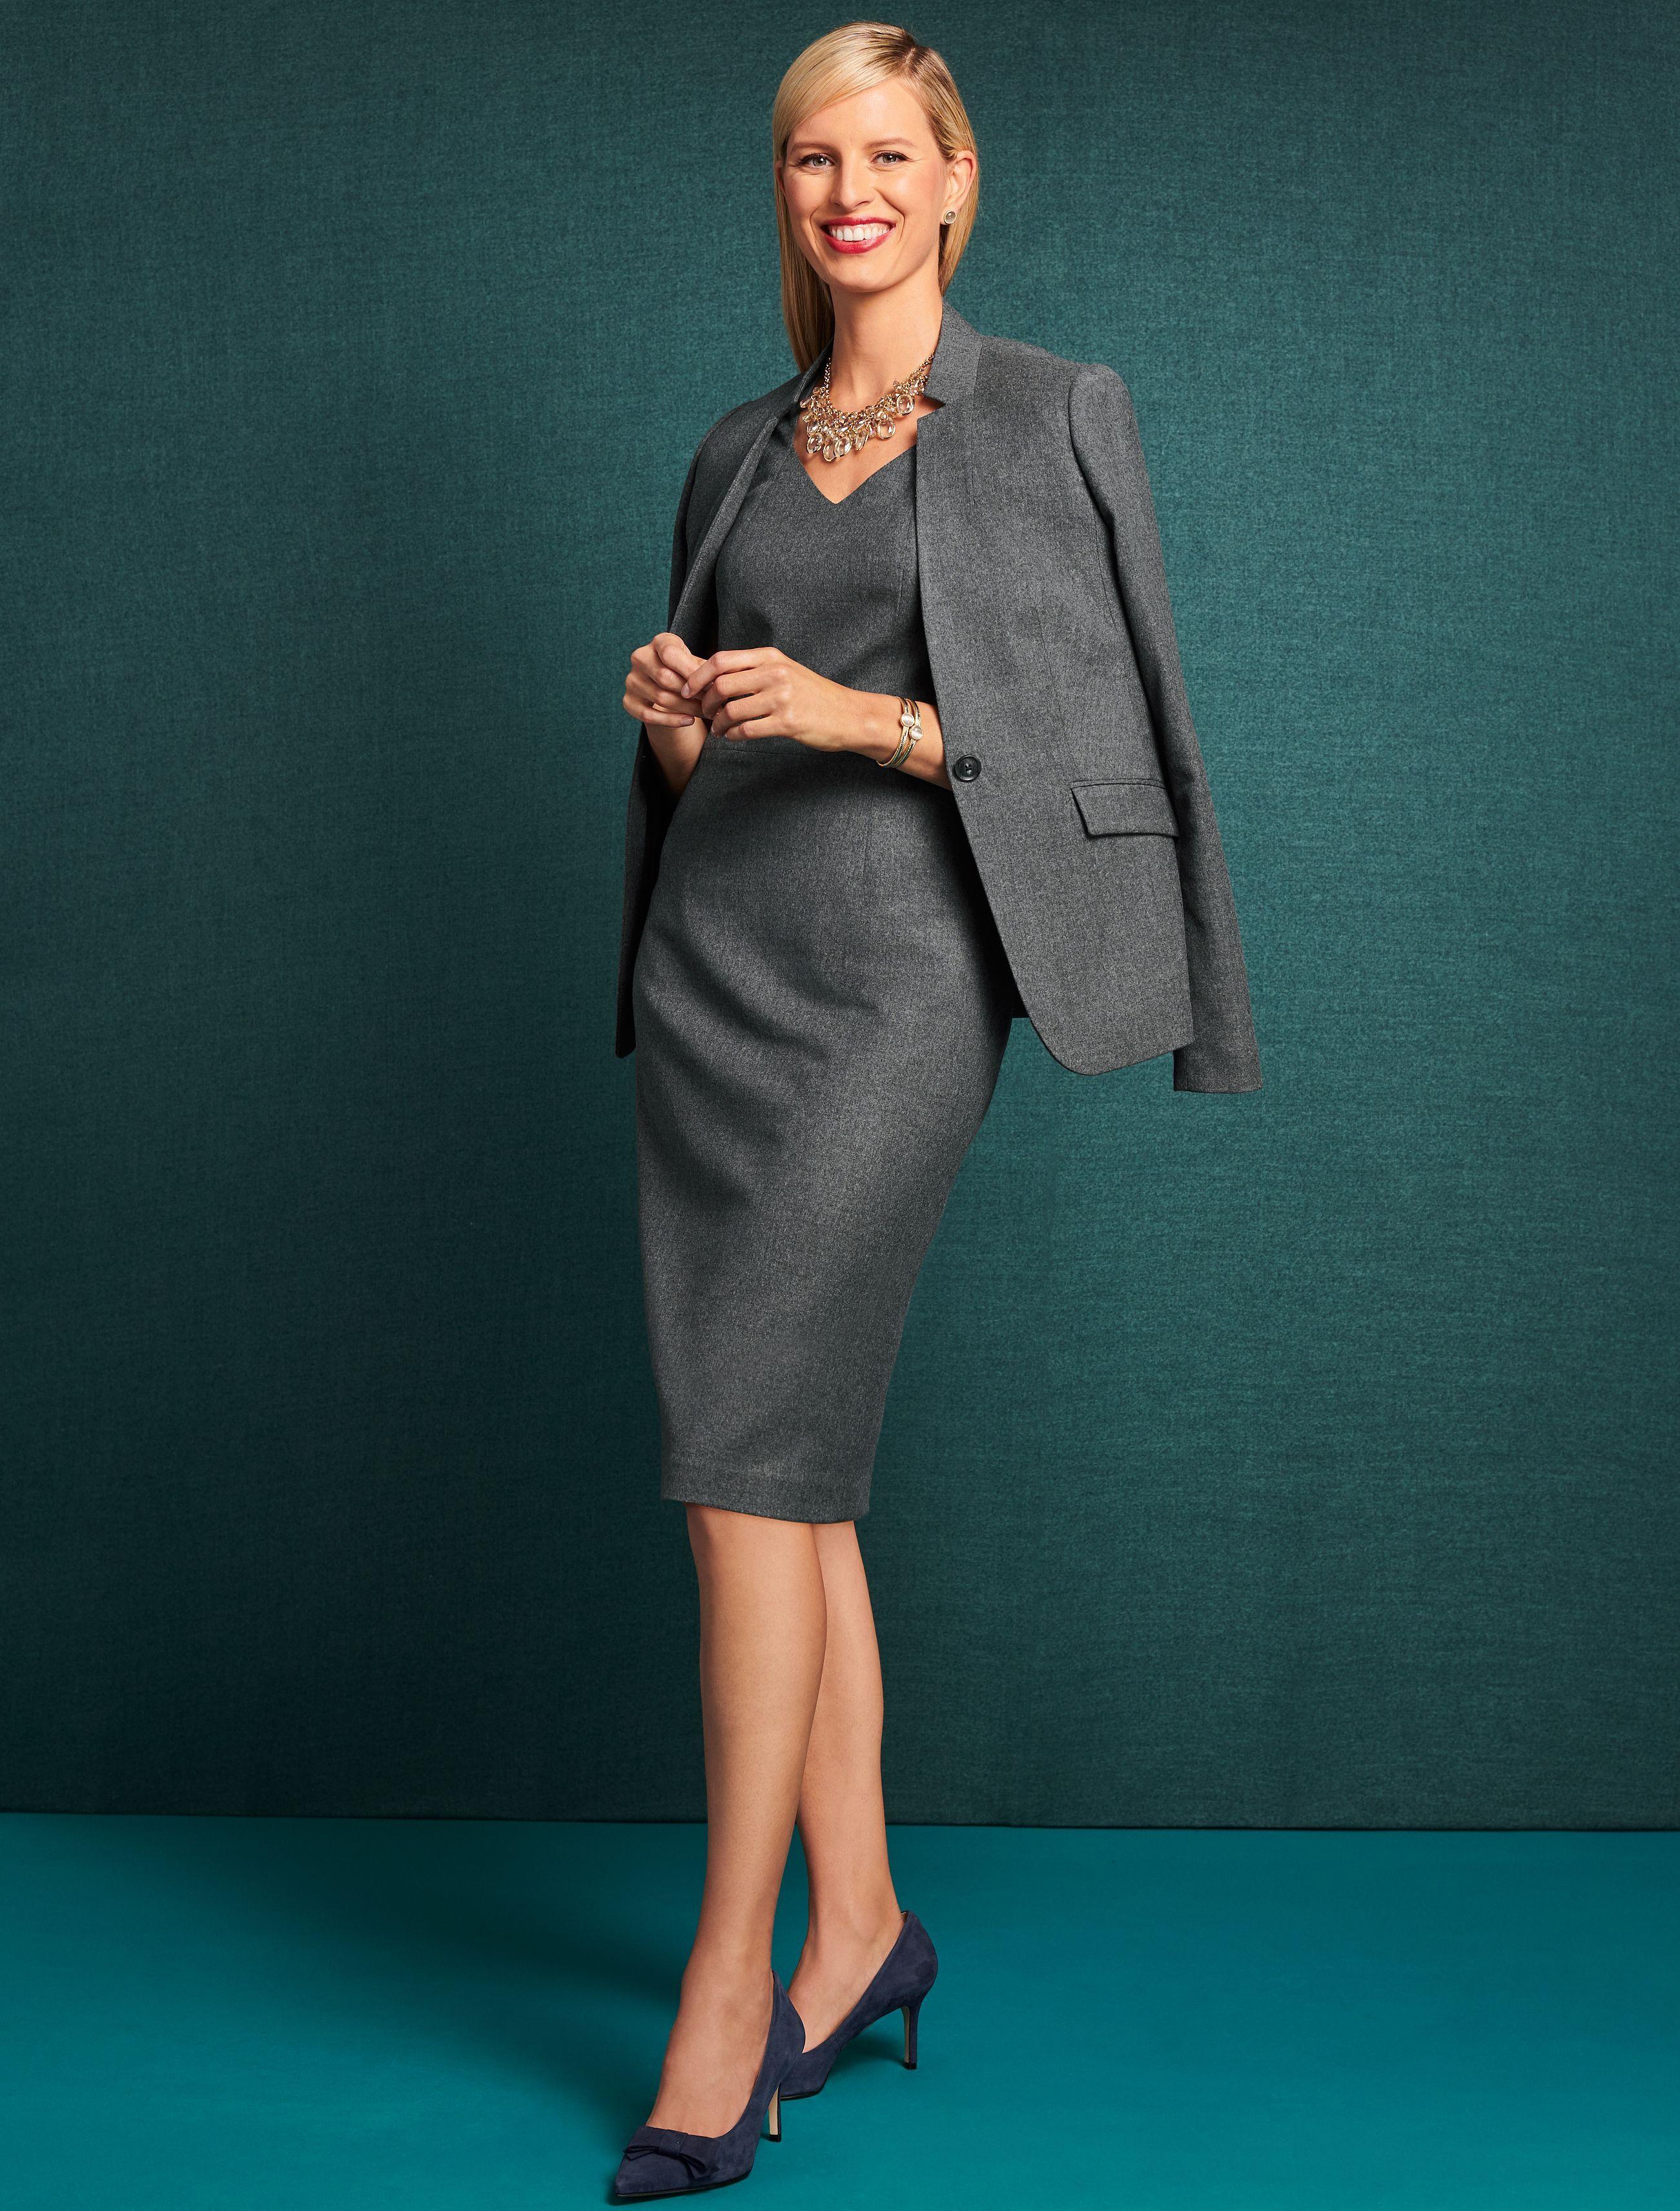 Flannel formal dress  Luxe Italian Flannel Sheath Dress  Wear to Work  Pinterest